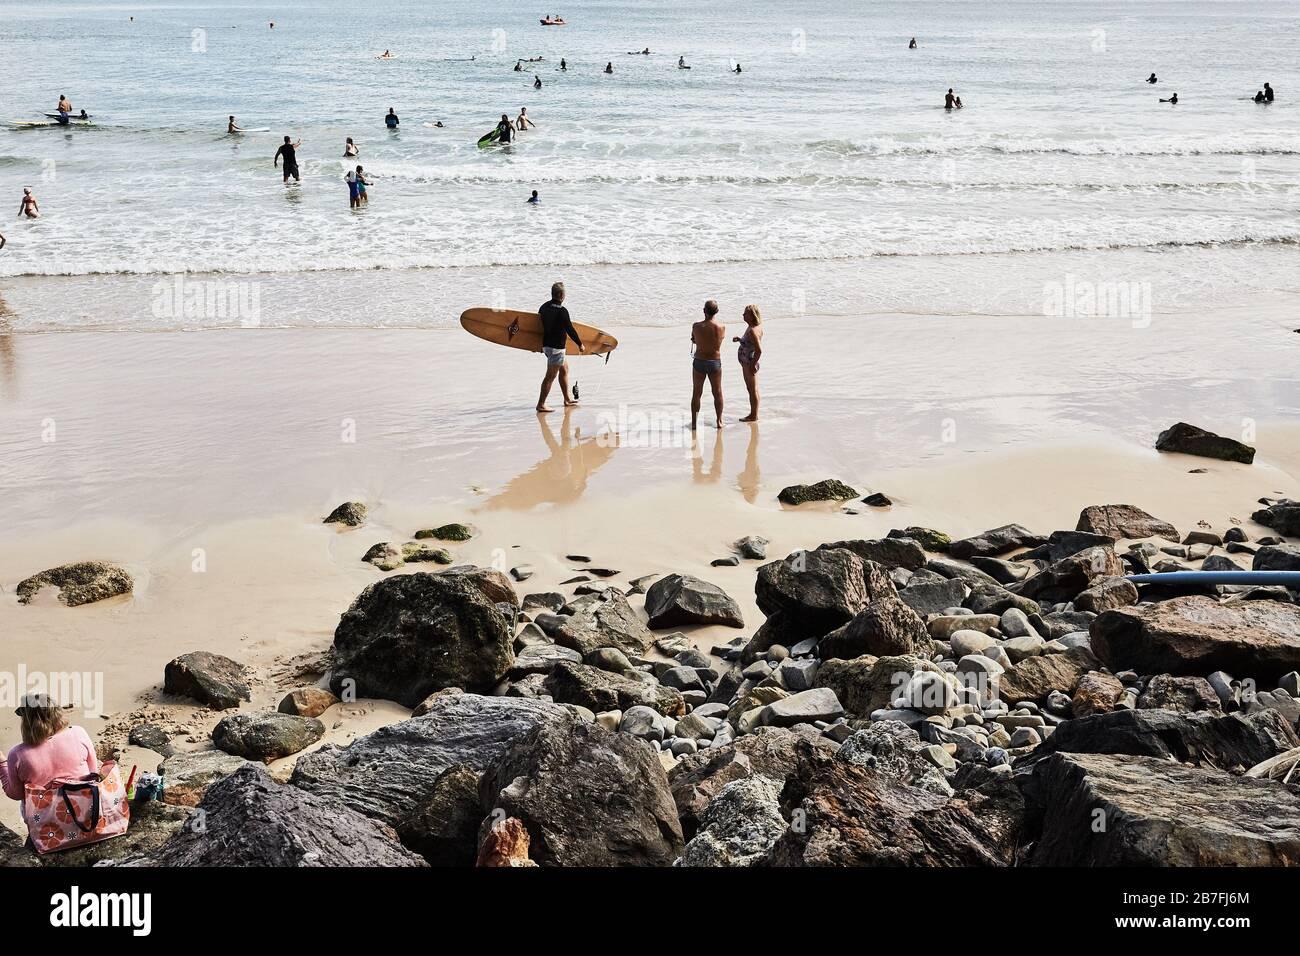 Folla di persone che godono di prendere il sole, surf e la vita a Noosa Main Beach, Queensland, Australia Foto Stock